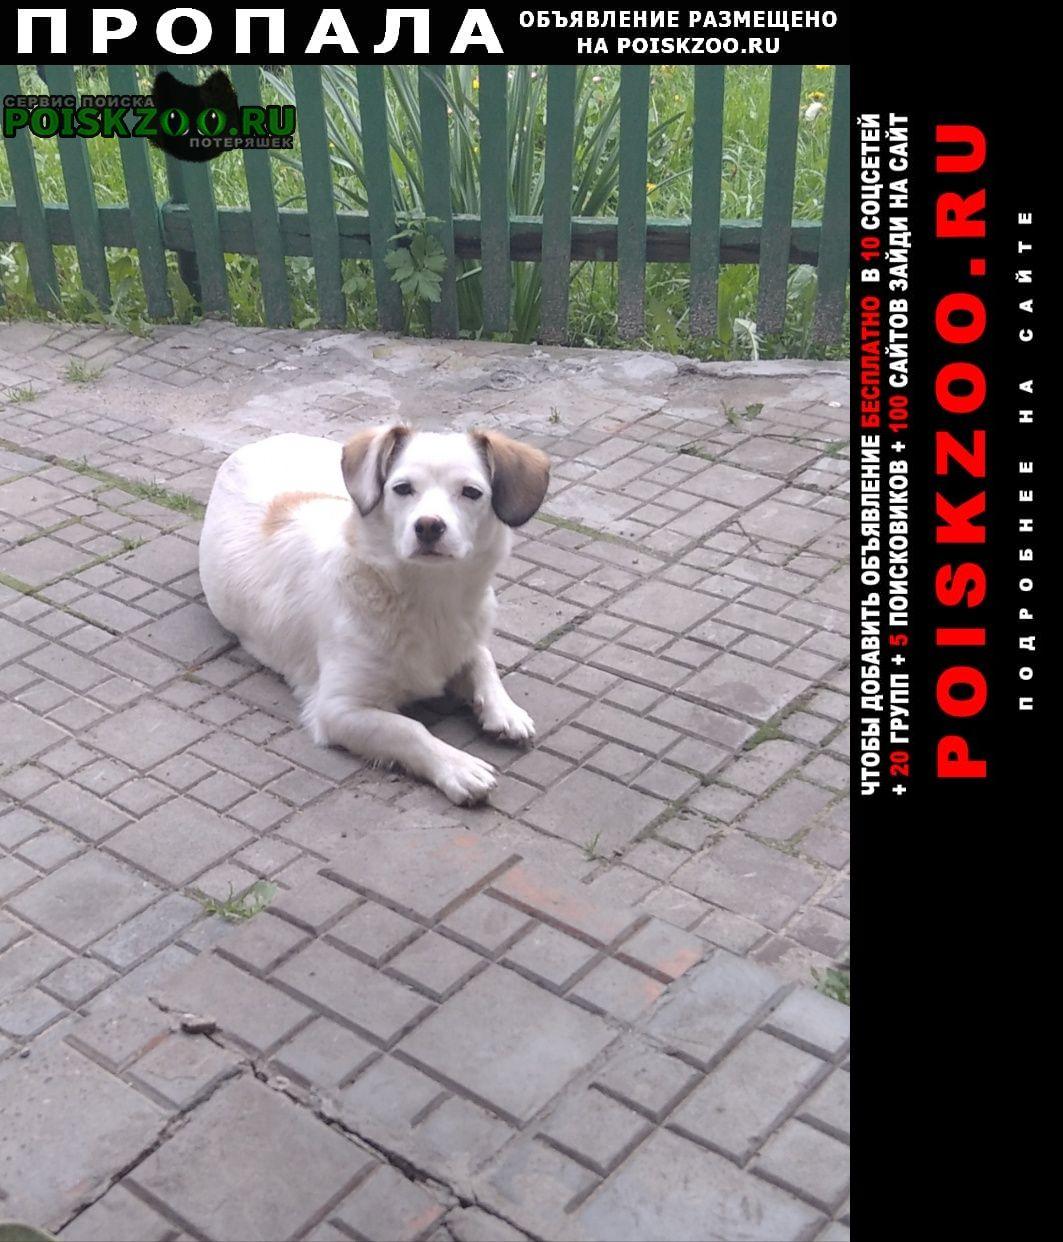 Пропала собака Кобрин